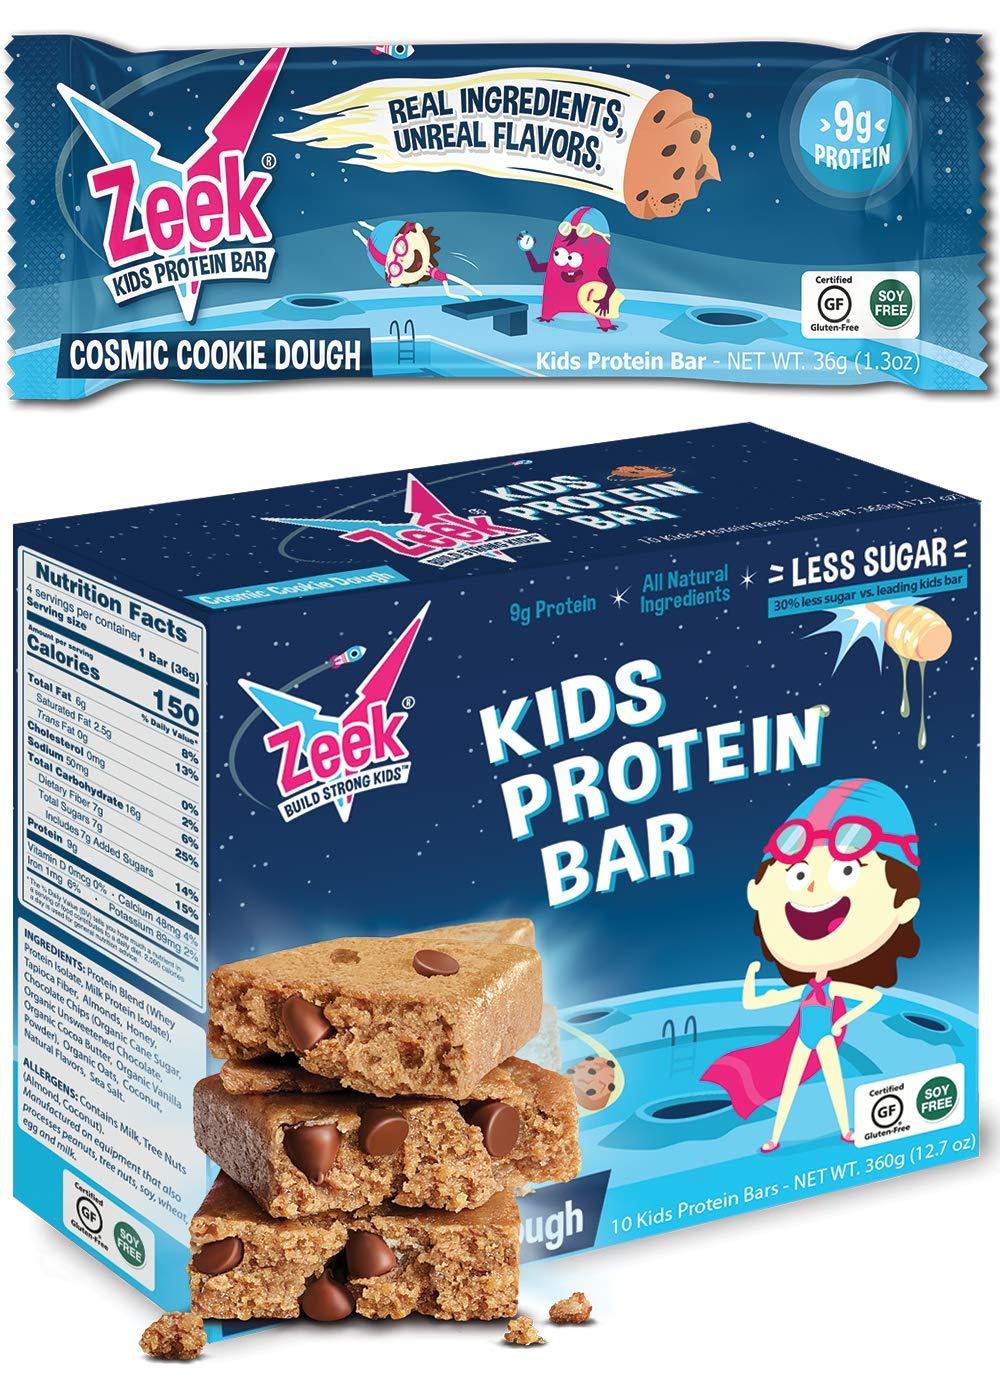 Zeek Kids Protein Bar?